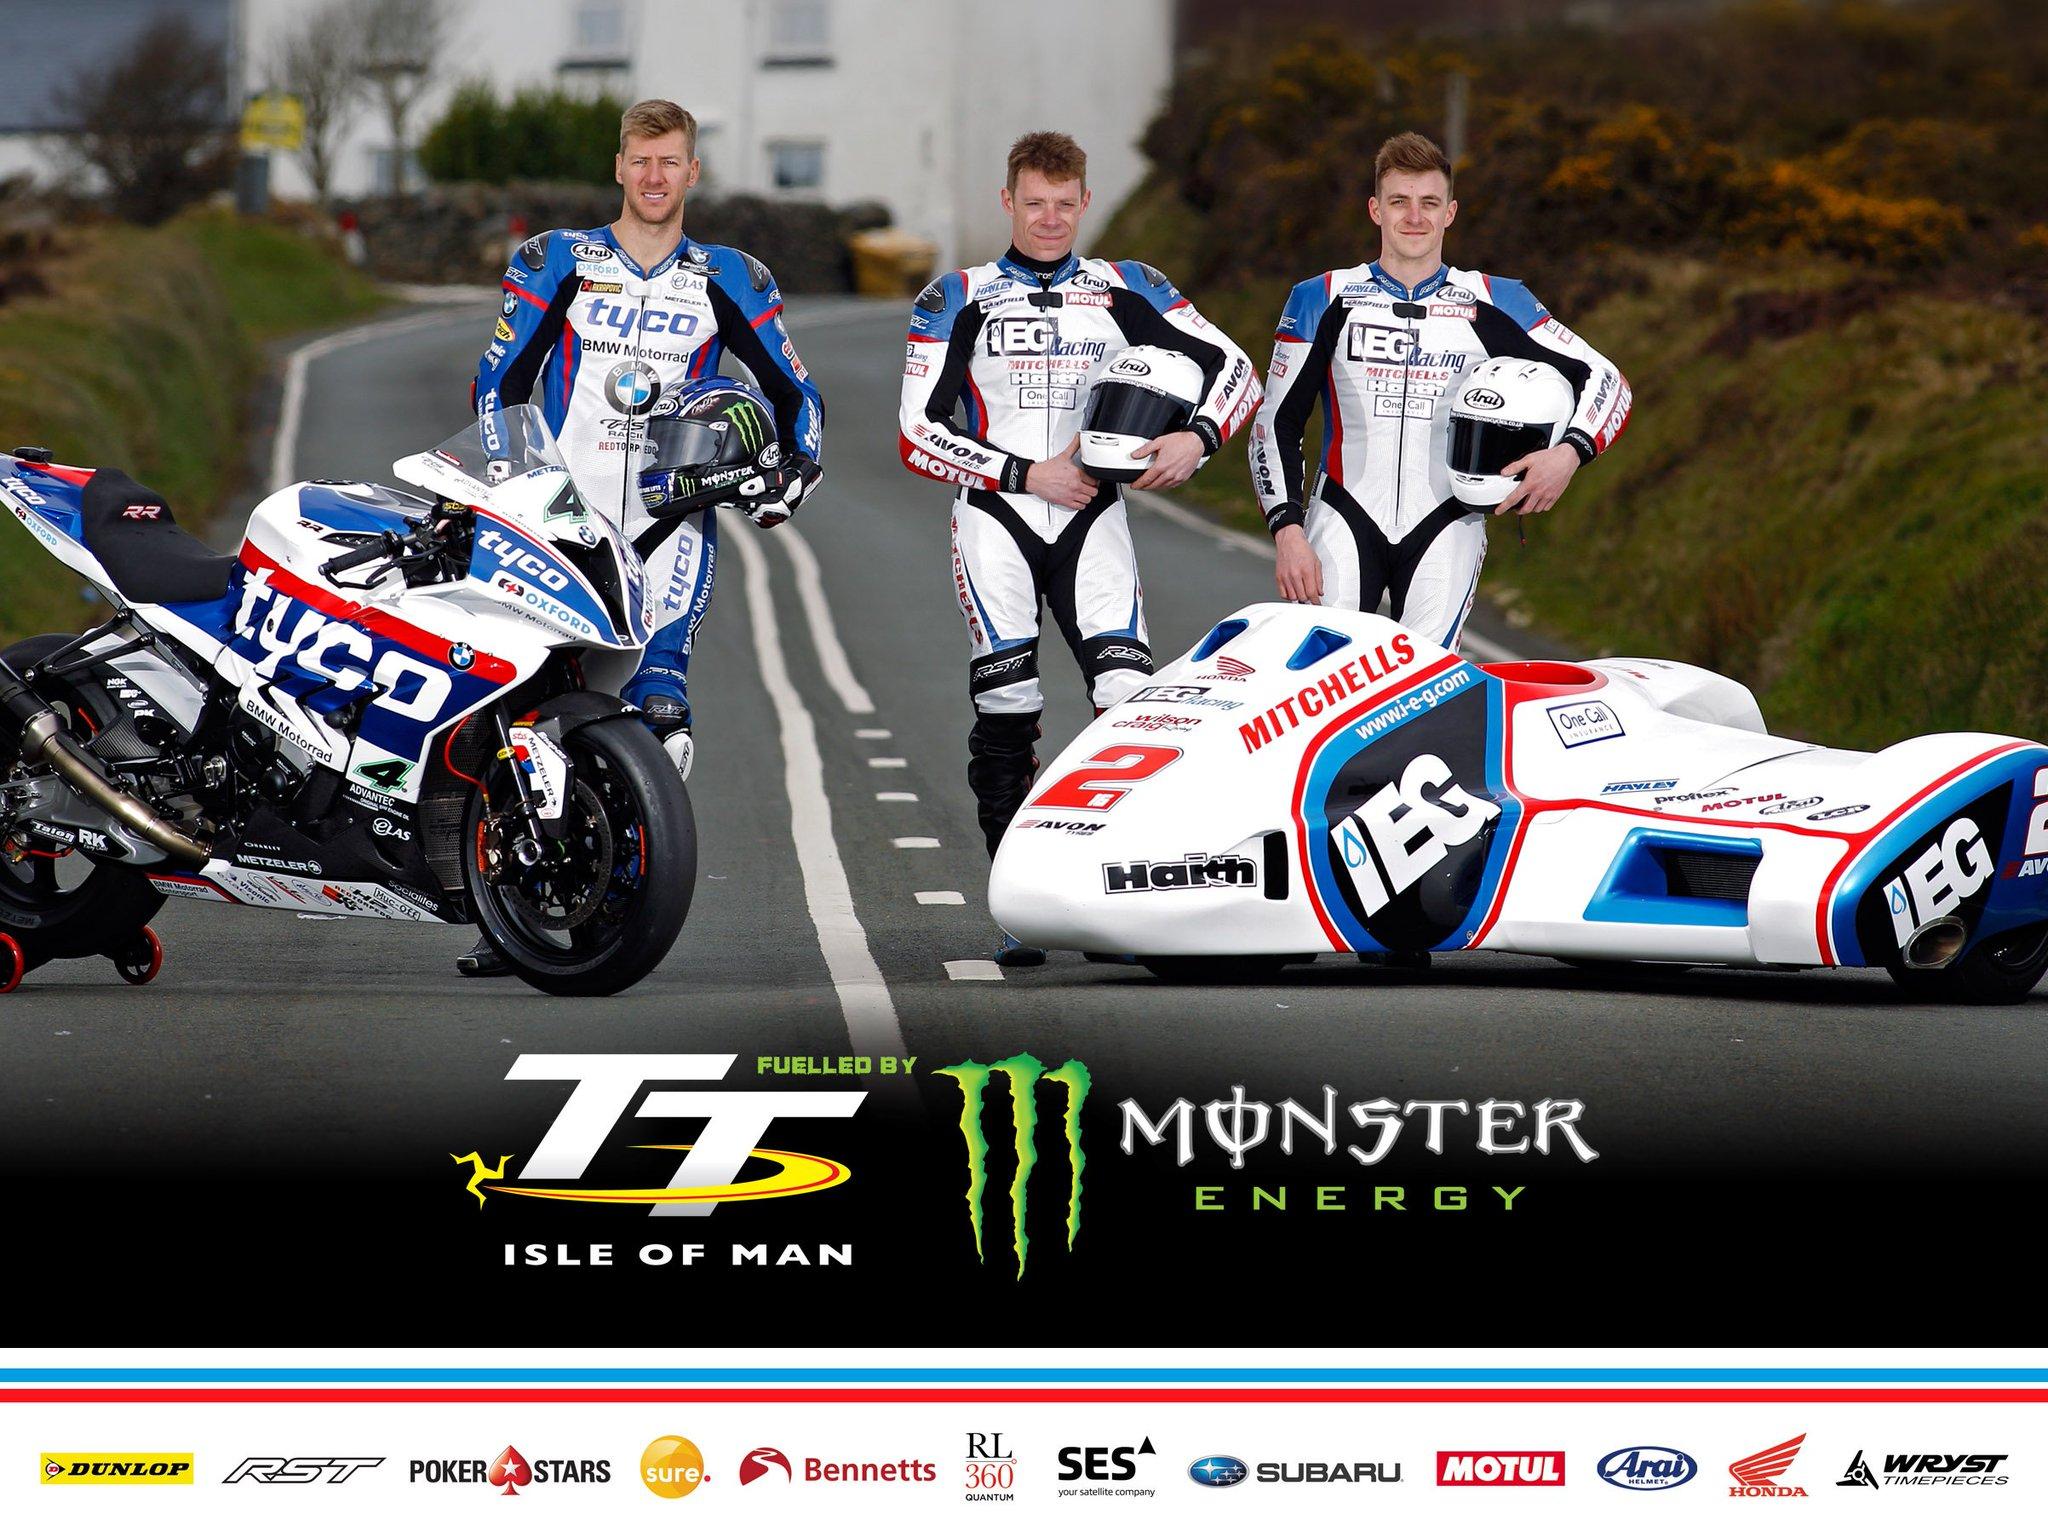 [Road racing] Saison 2016  - Page 4 Cf-xCUTWEAAM1Tz